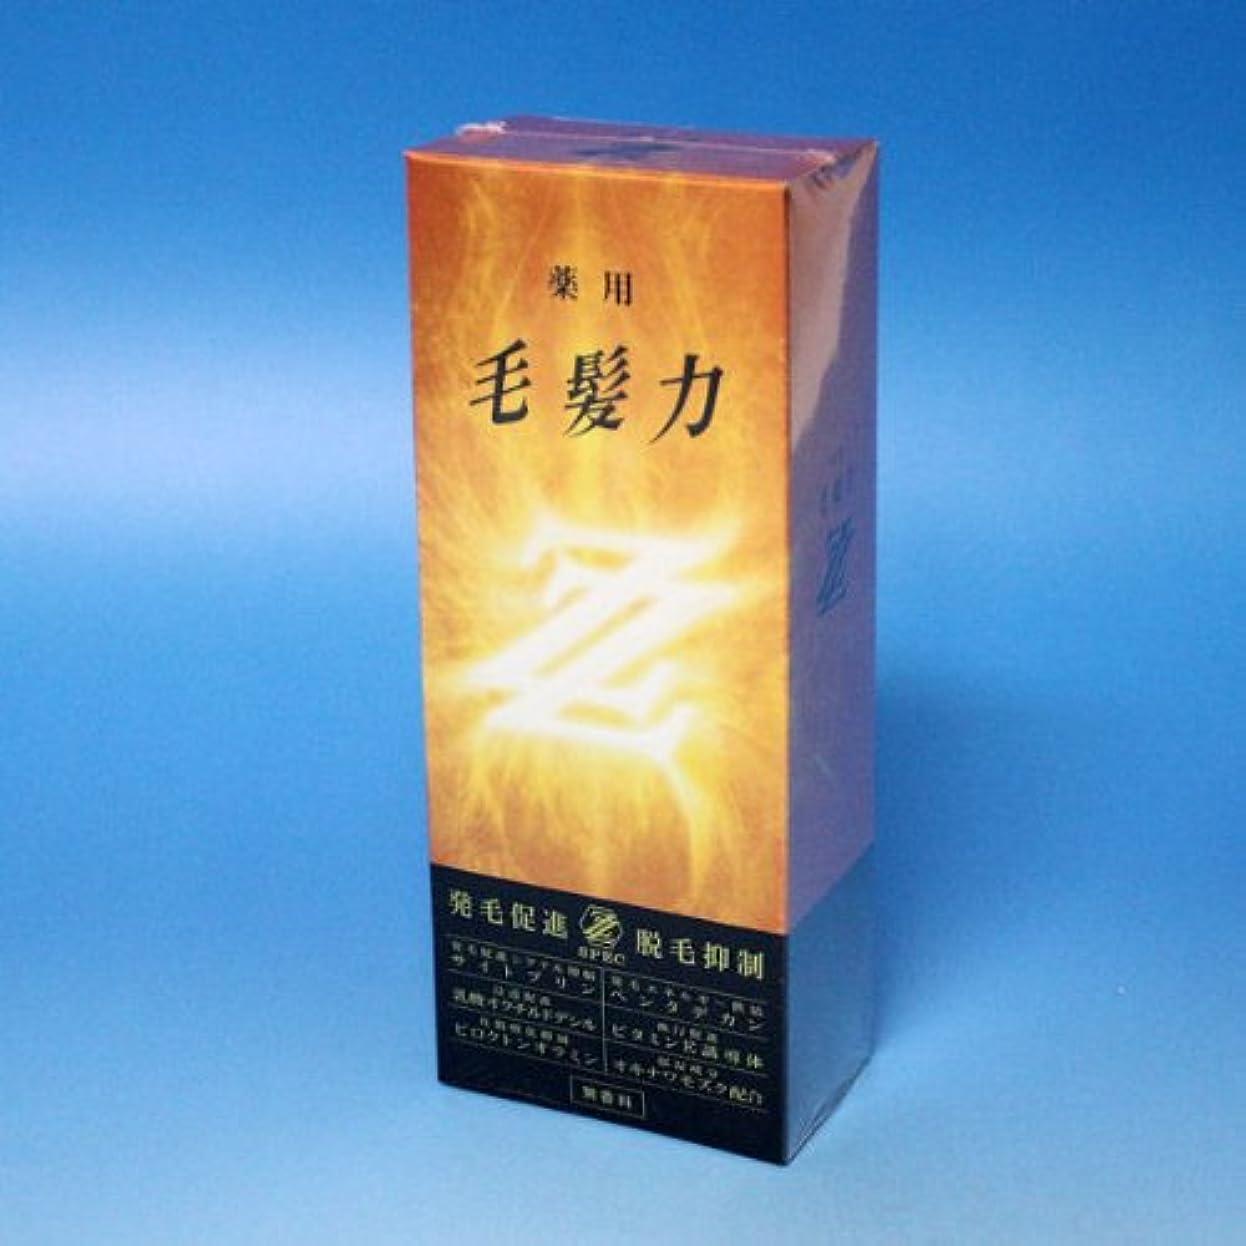 インペリアルスチール酒《ライオン》 薬用 毛髪力ZZ(ダブルジー) 200ml 【医薬部外品】